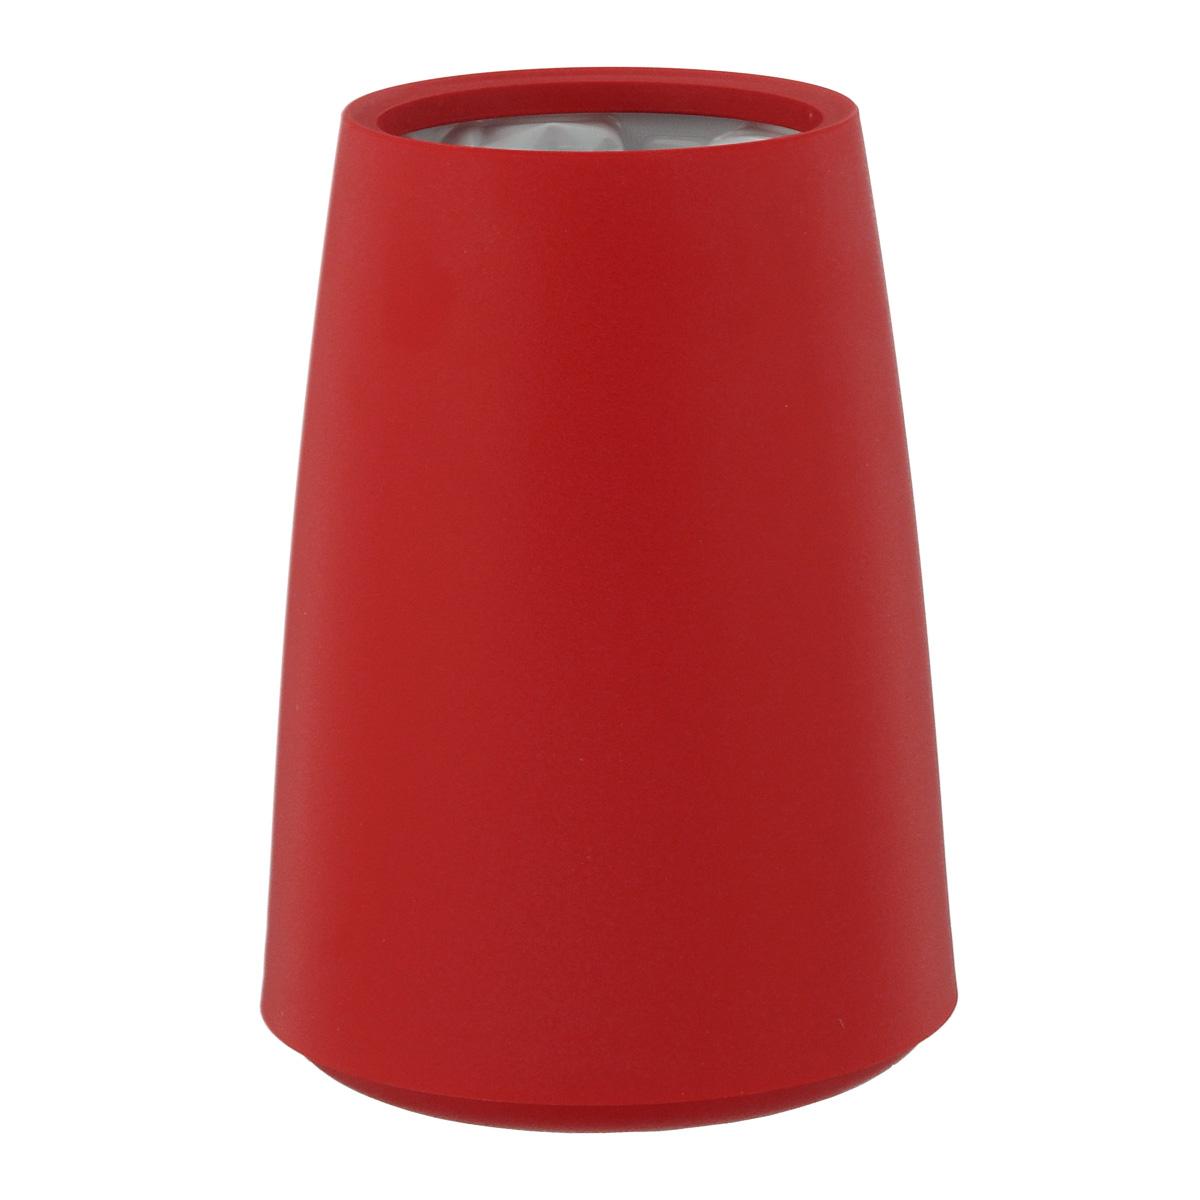 Ведерко-охладитель для бутылок VacuVin Rapid Ice Elegant, цвет: красный, 0,75 л3649160Элегантное ведерко-охладитель VacuVin Rapid Ice Elegant позволит вам мгновенно охладить вино без использования льда. Внутри пластиковой емкости находится многоразовый охлаждающий элемент, который охлаждает бутылку за несколько минут и сохраняет ее холодной часами. В ведерке-охладителе не используется ни лед, ни вода, поэтому на вашем столе не будет лужиц, а этикетка не размокнет и не отвалится. Храните охлаждающий элемент в морозилке. Объем: 0,75 л. Высота ведерка-охладителя: 12 см.